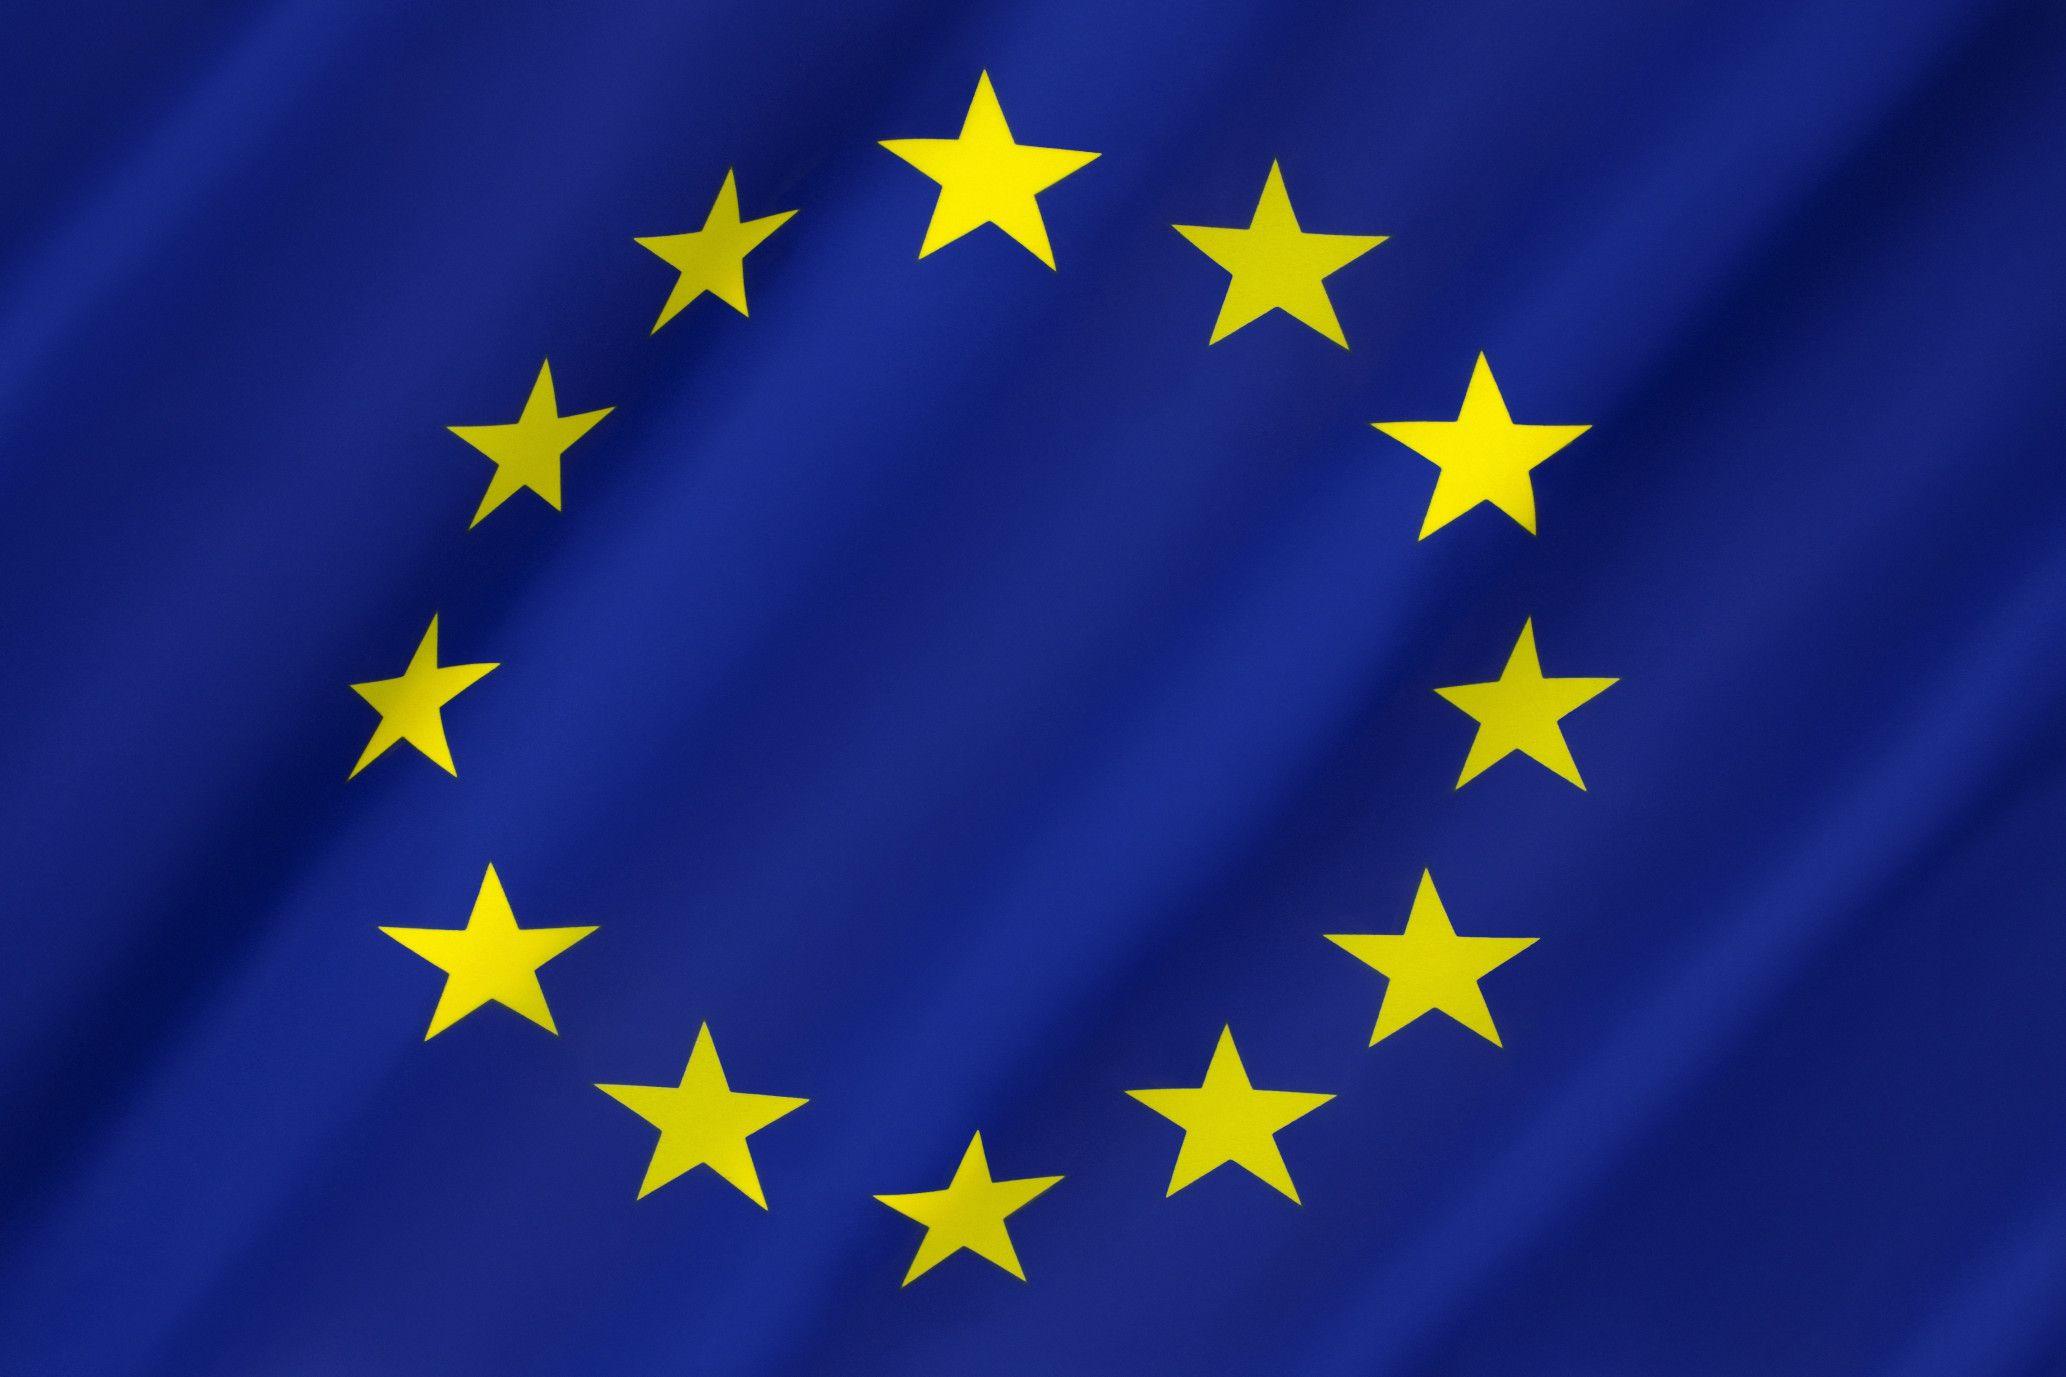 Ставки НДС на электронные издания в странах ЕС будут снижены